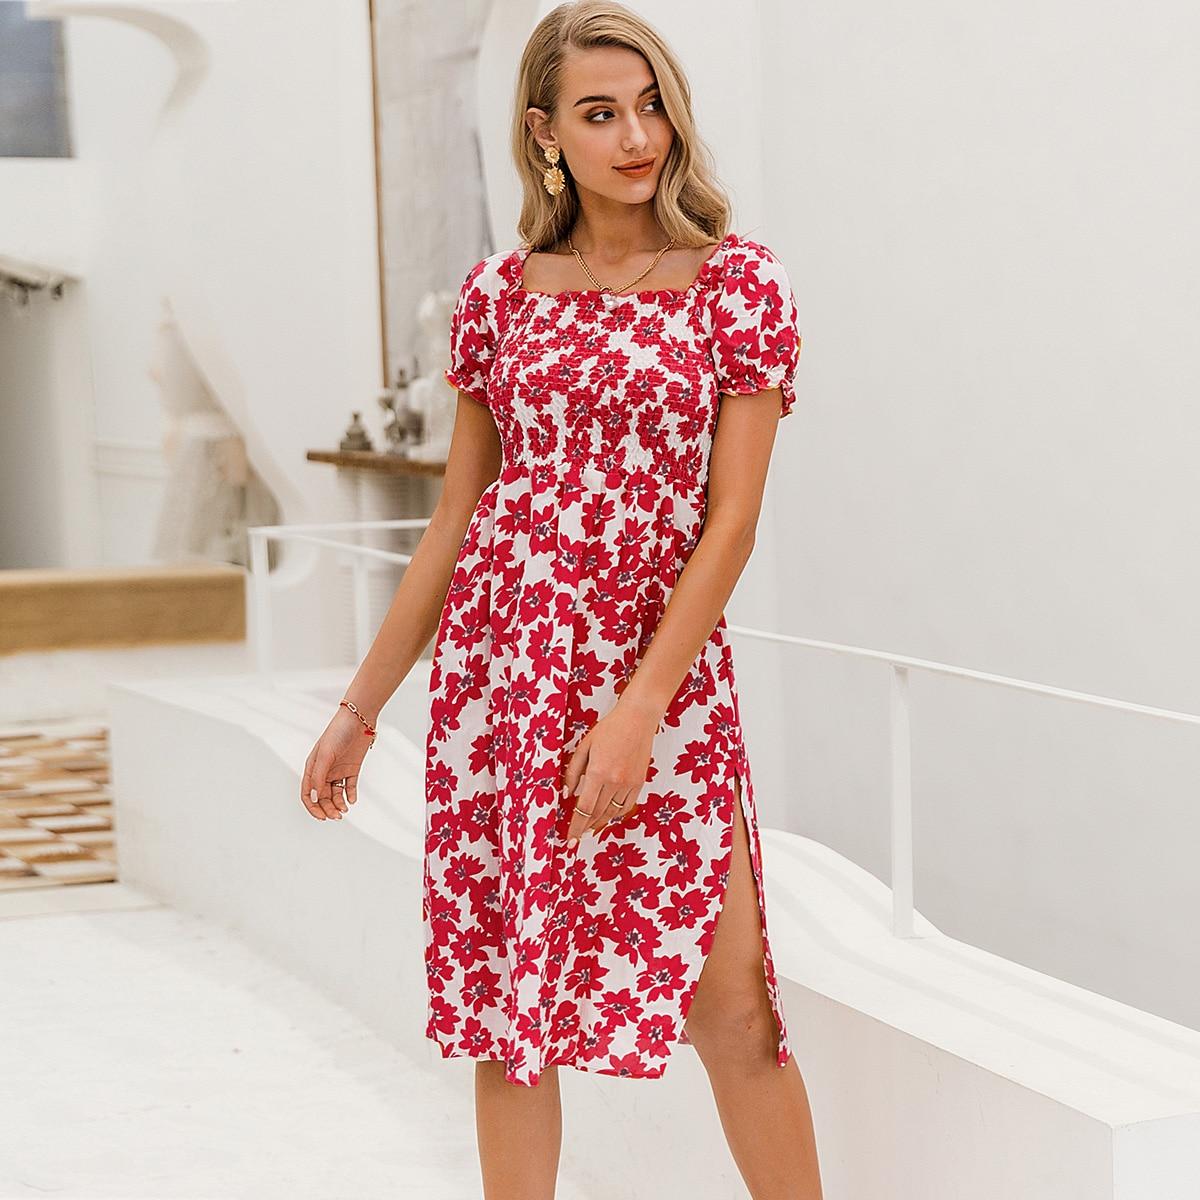 Цветочное платье с разрезом